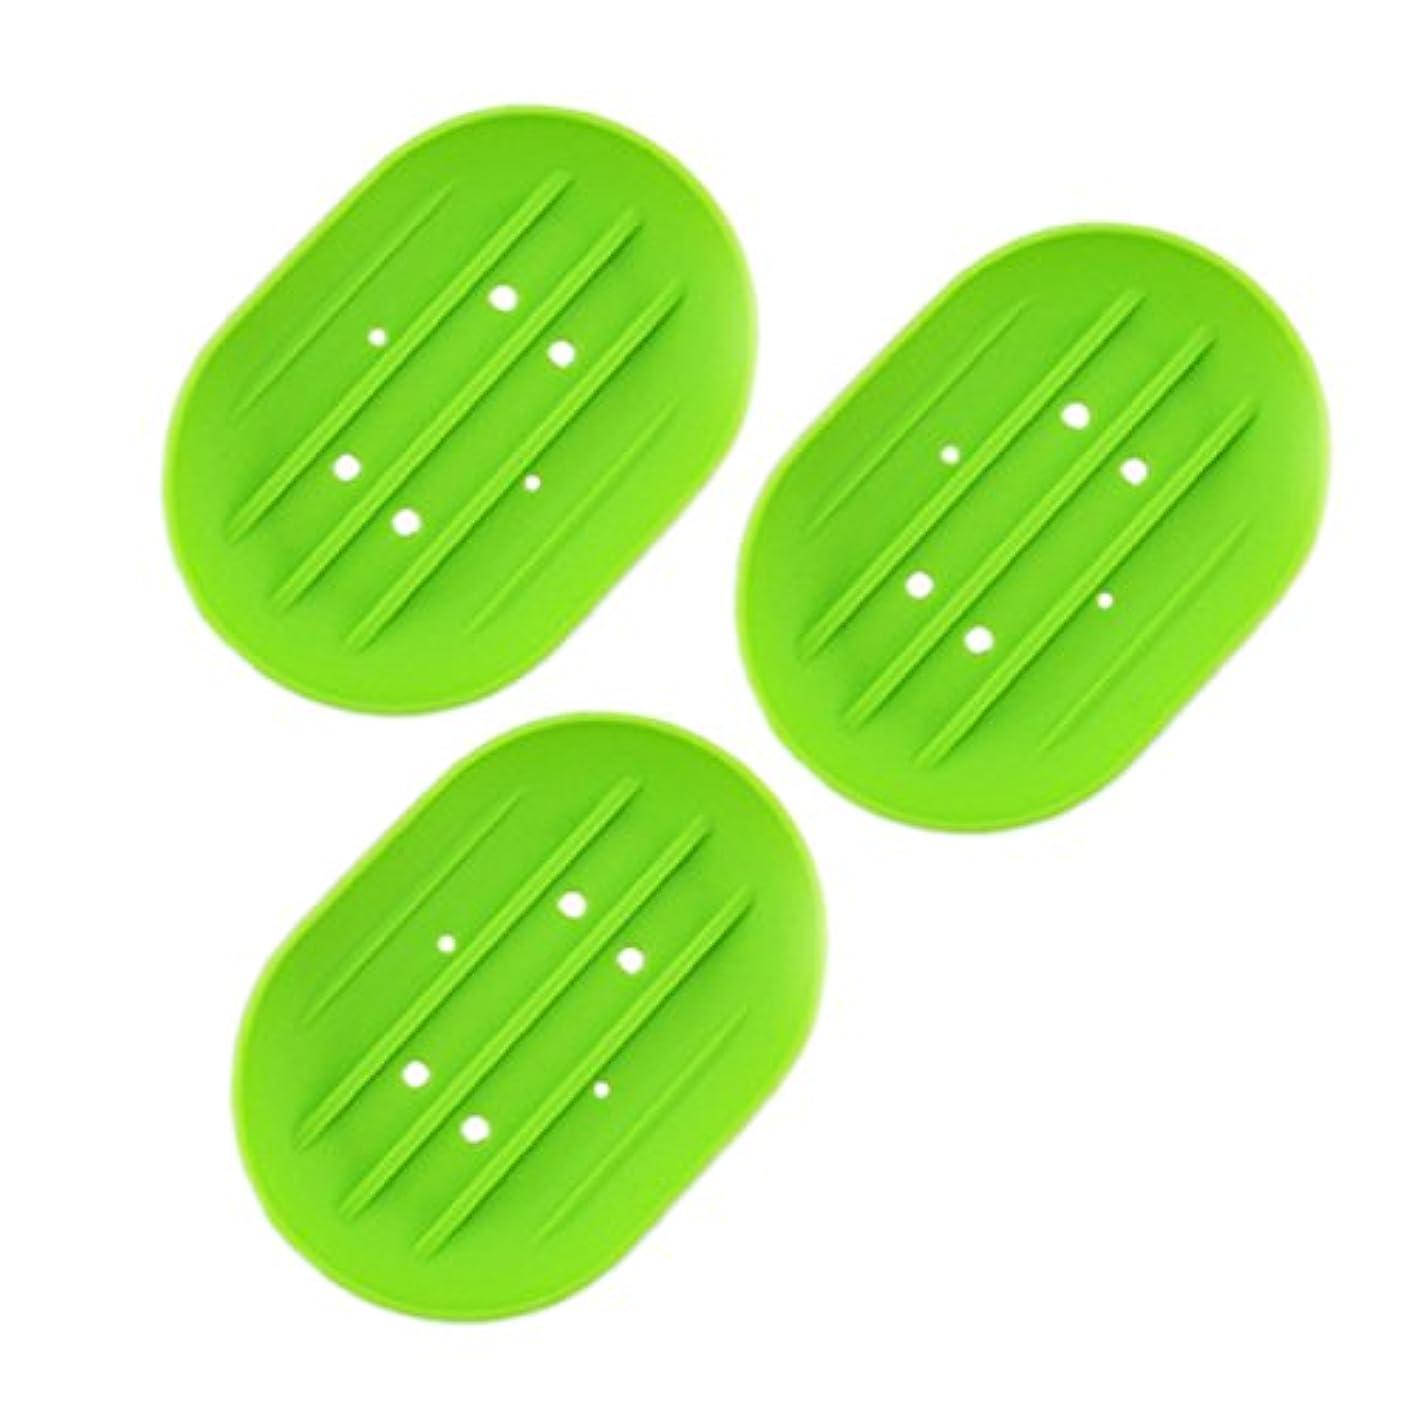 感謝するマーカー印象BESTOMZ ソープディッシュソープホルダー, 石鹸トレイ乾燥石鹸バー 浴室用キッチン用3連グリーン用